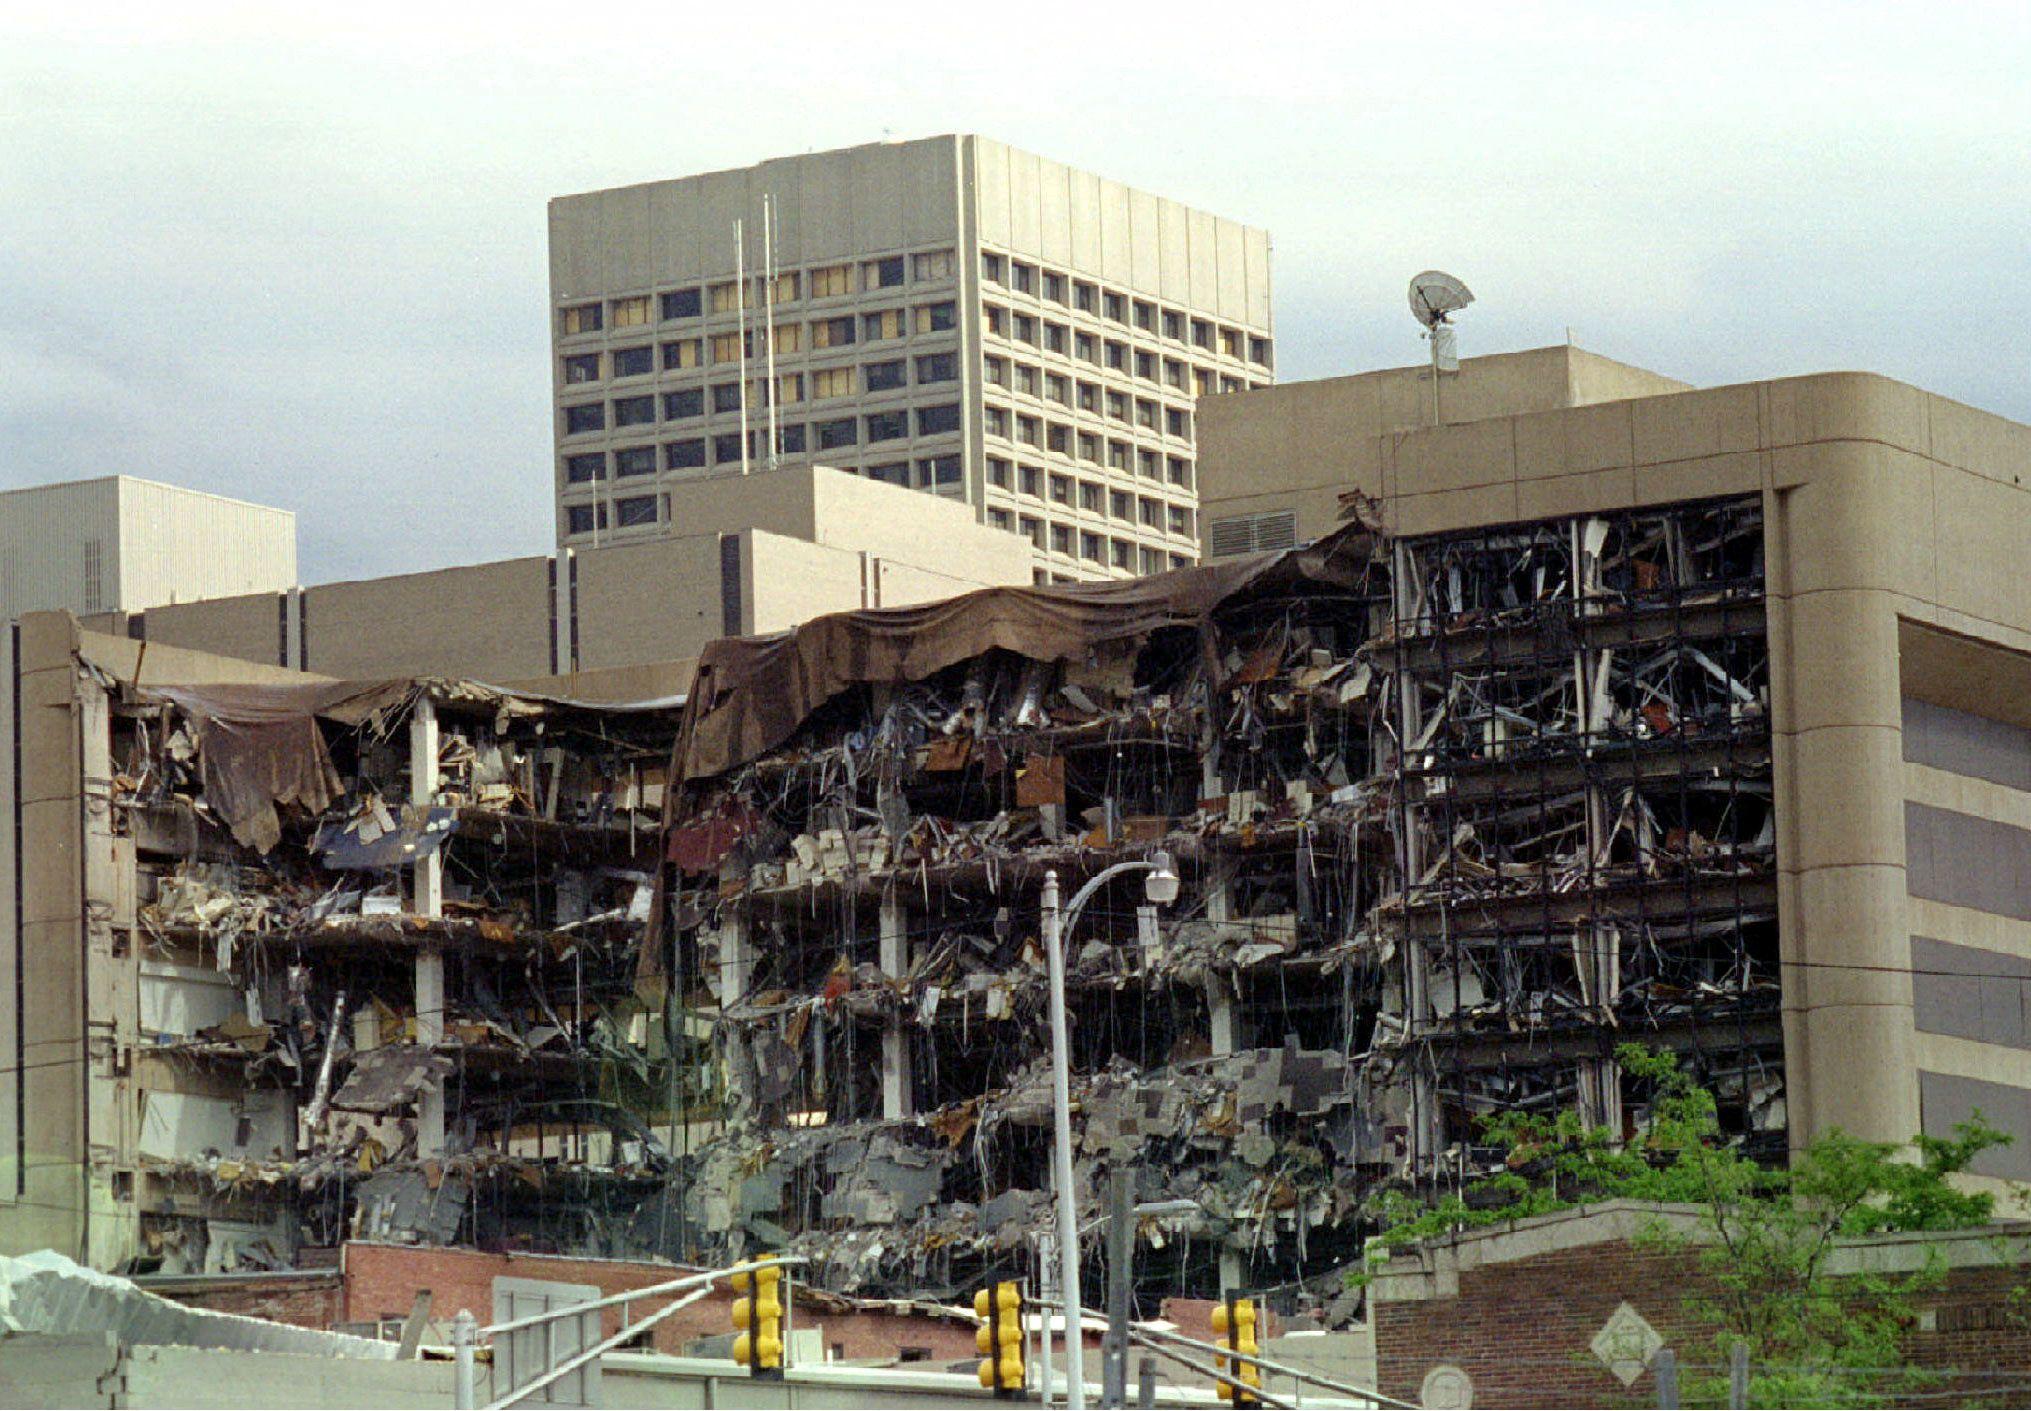 El lado norte del Edificio Federal de Oklahoma, instantes después de la explosión del coche bomba que preparó McVeigh. Murieron 168 personas. REUTERS/Jeff Mitchell